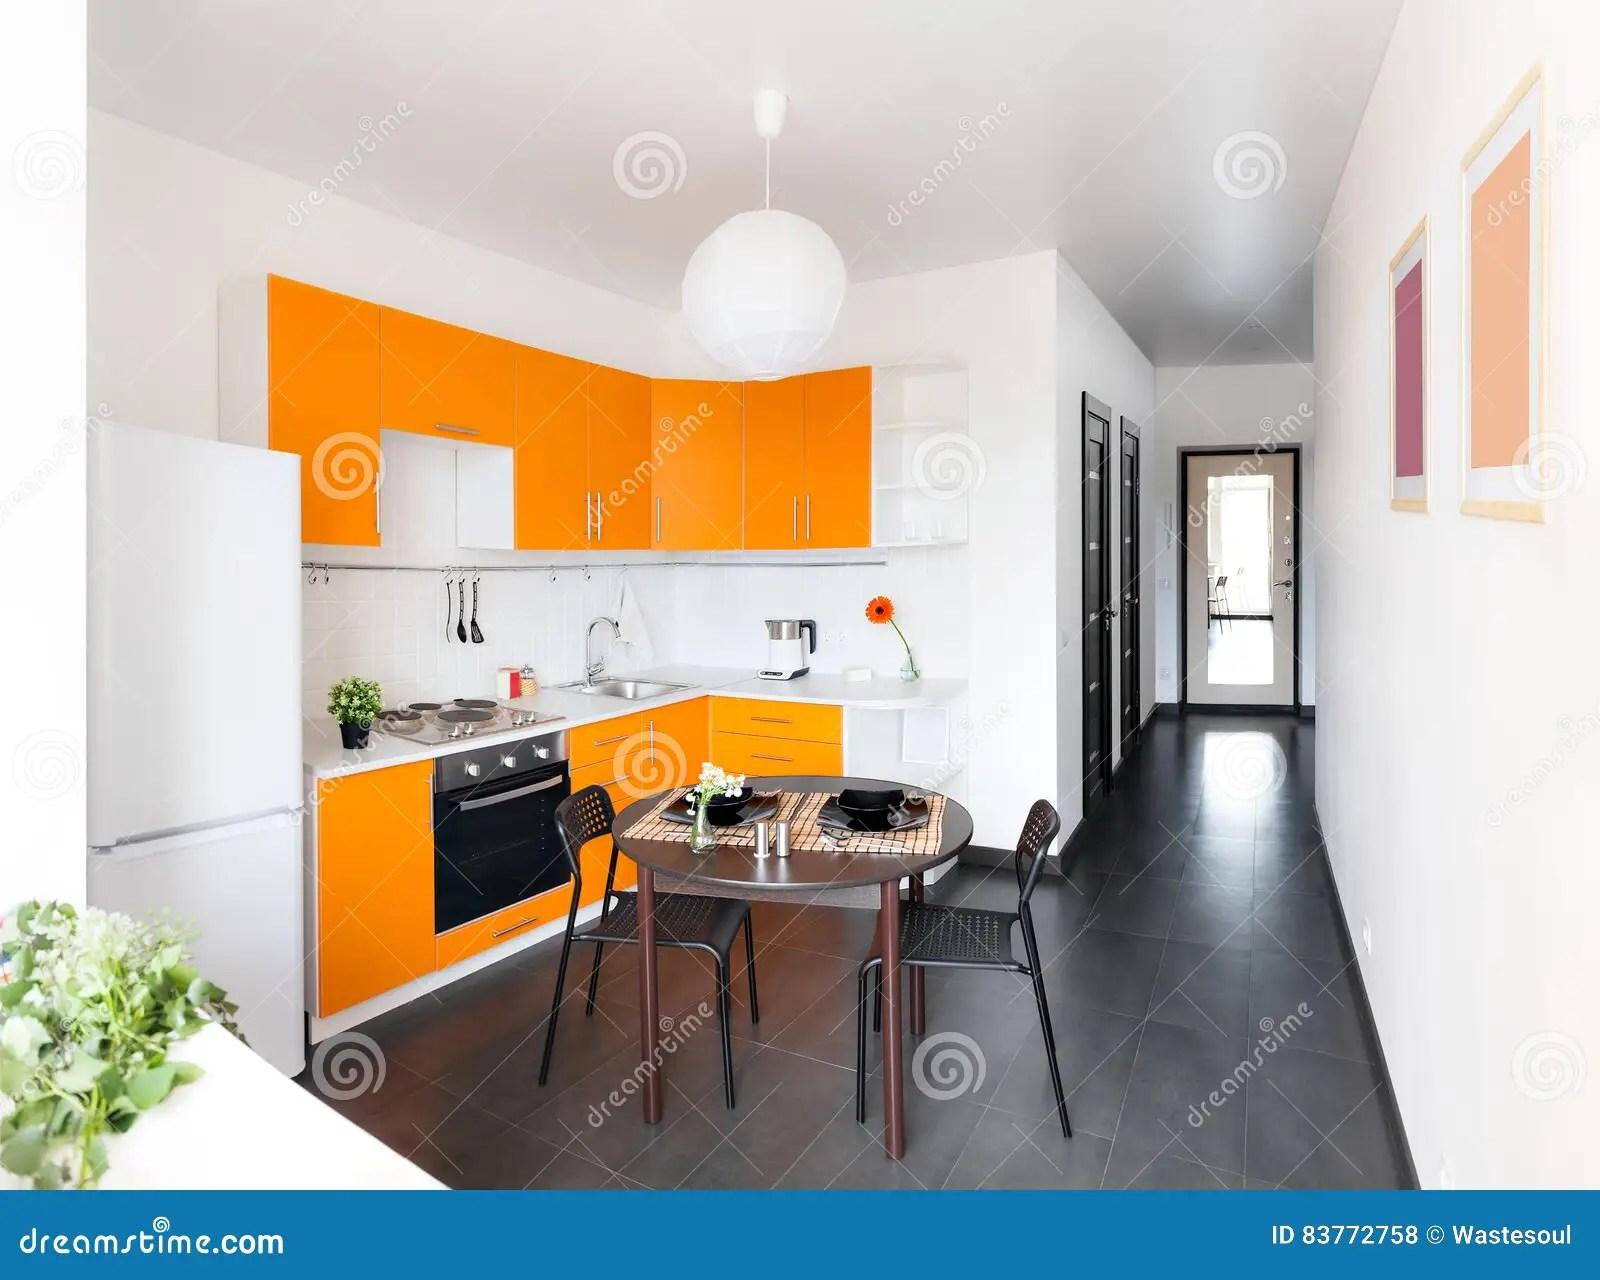 Cucina moderna arancione copri piano cottura fatto a mano stile